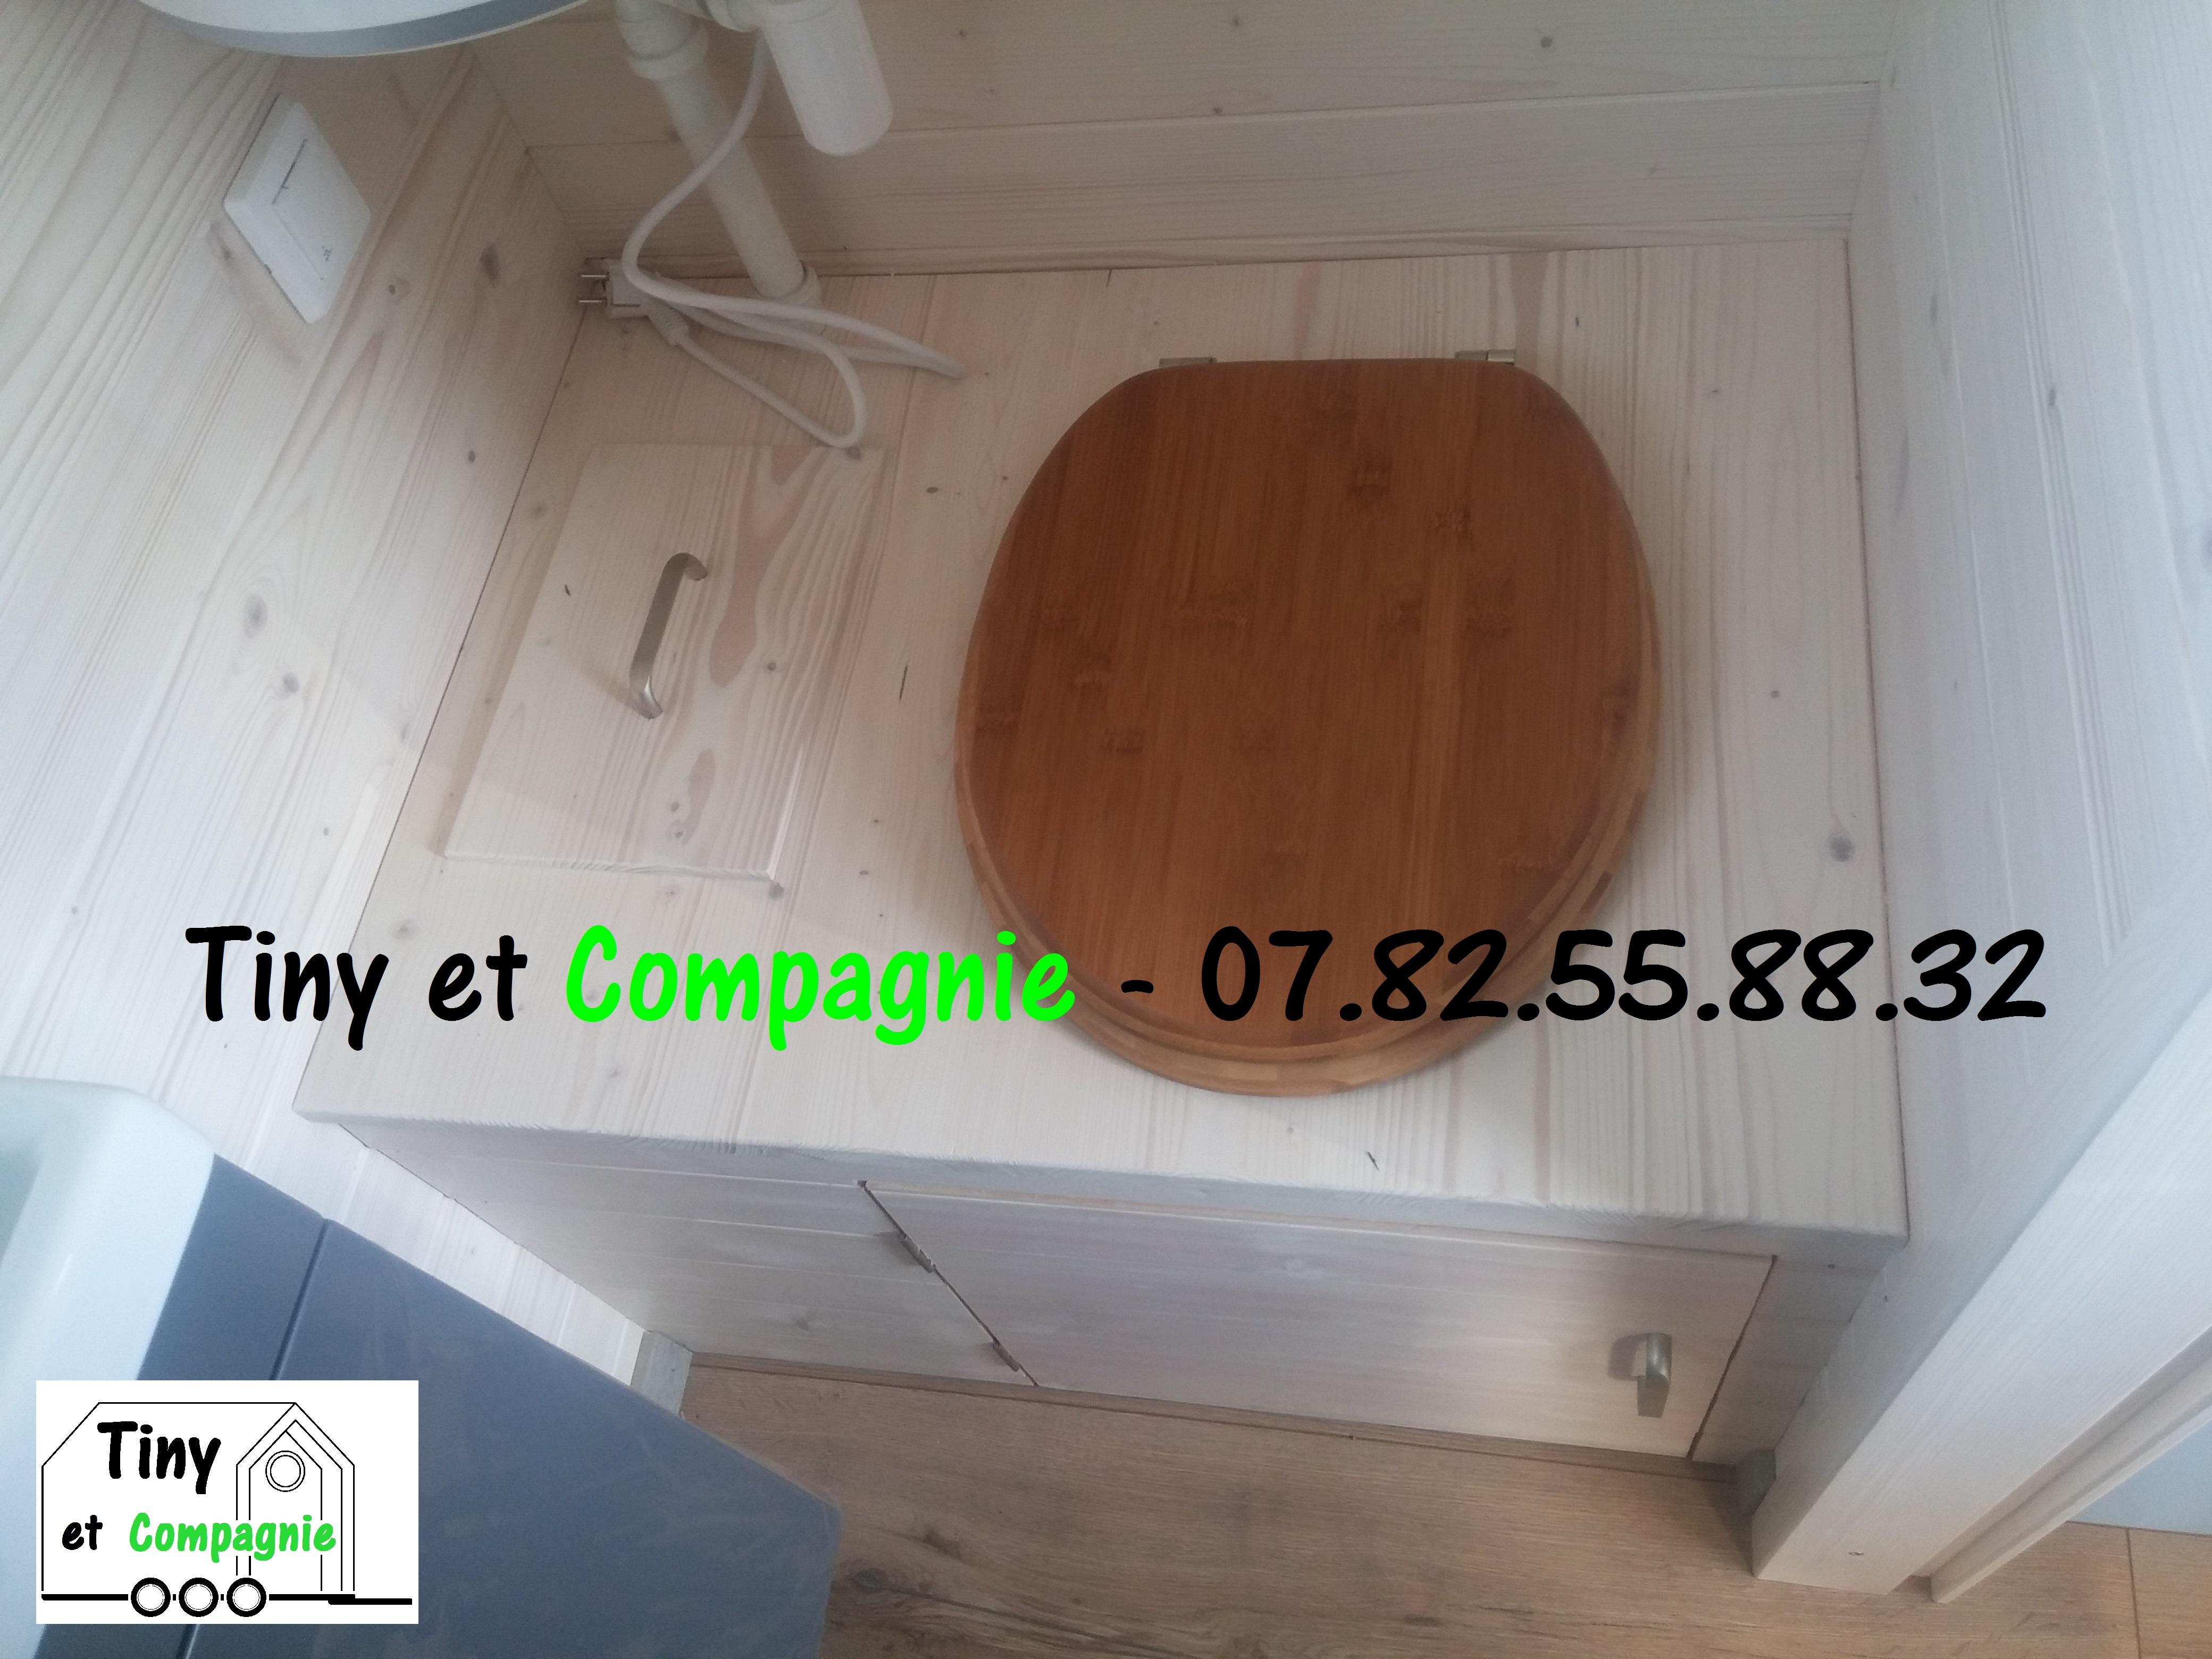 Tiny_et_Compagnie_-_Colibri_2019_(Toilet